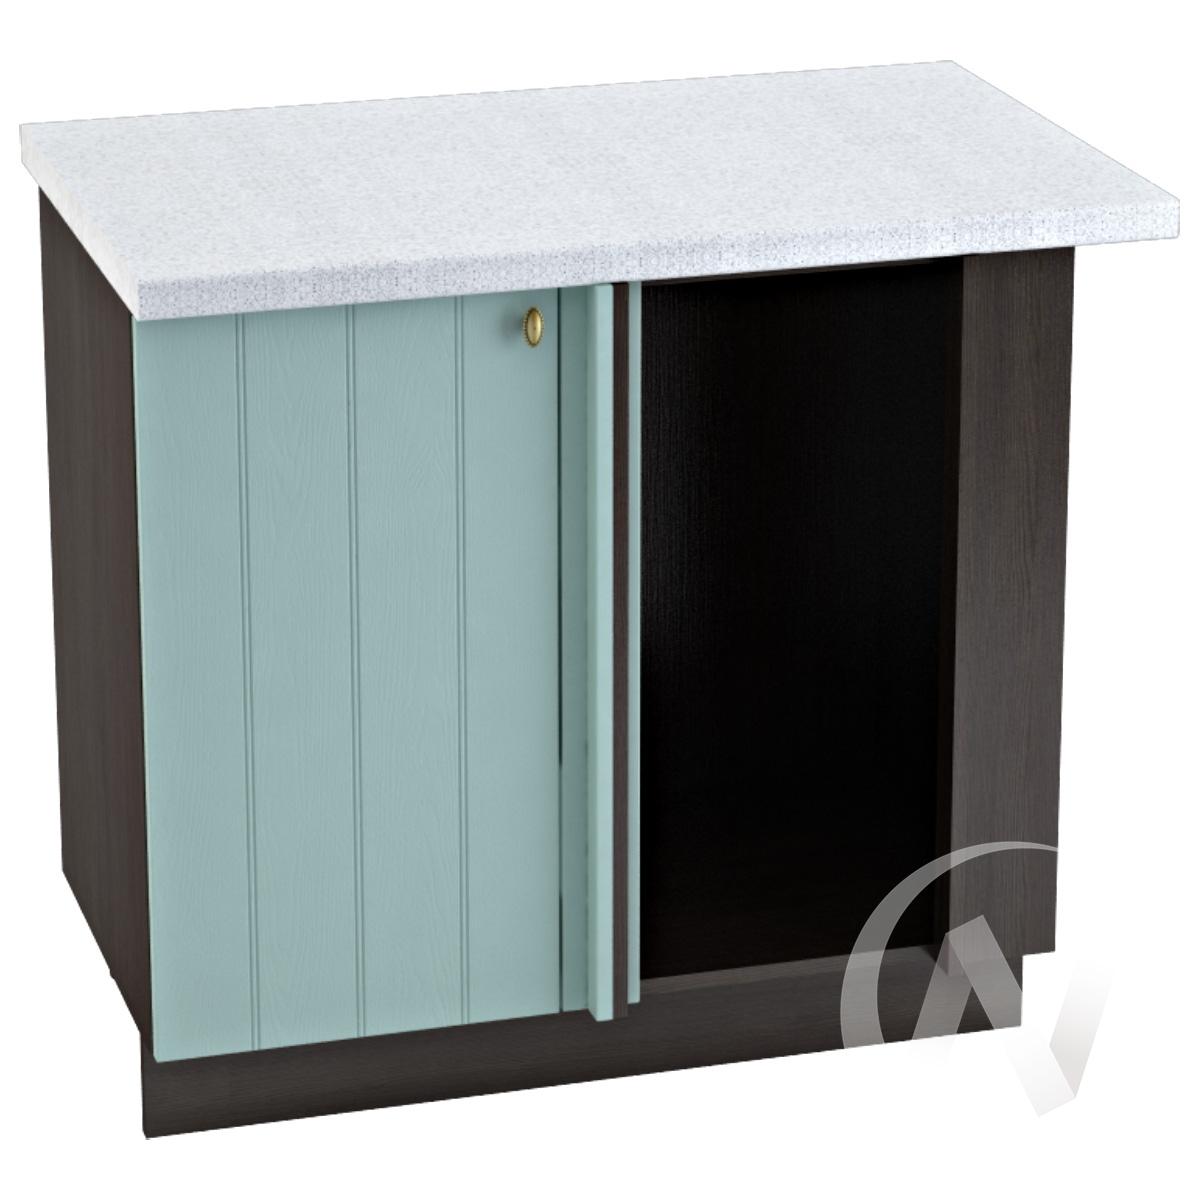 """Кухня """"Прованс"""": Шкаф нижний угловой 990М, ШНУ 990М (голубой/корпус венге)"""